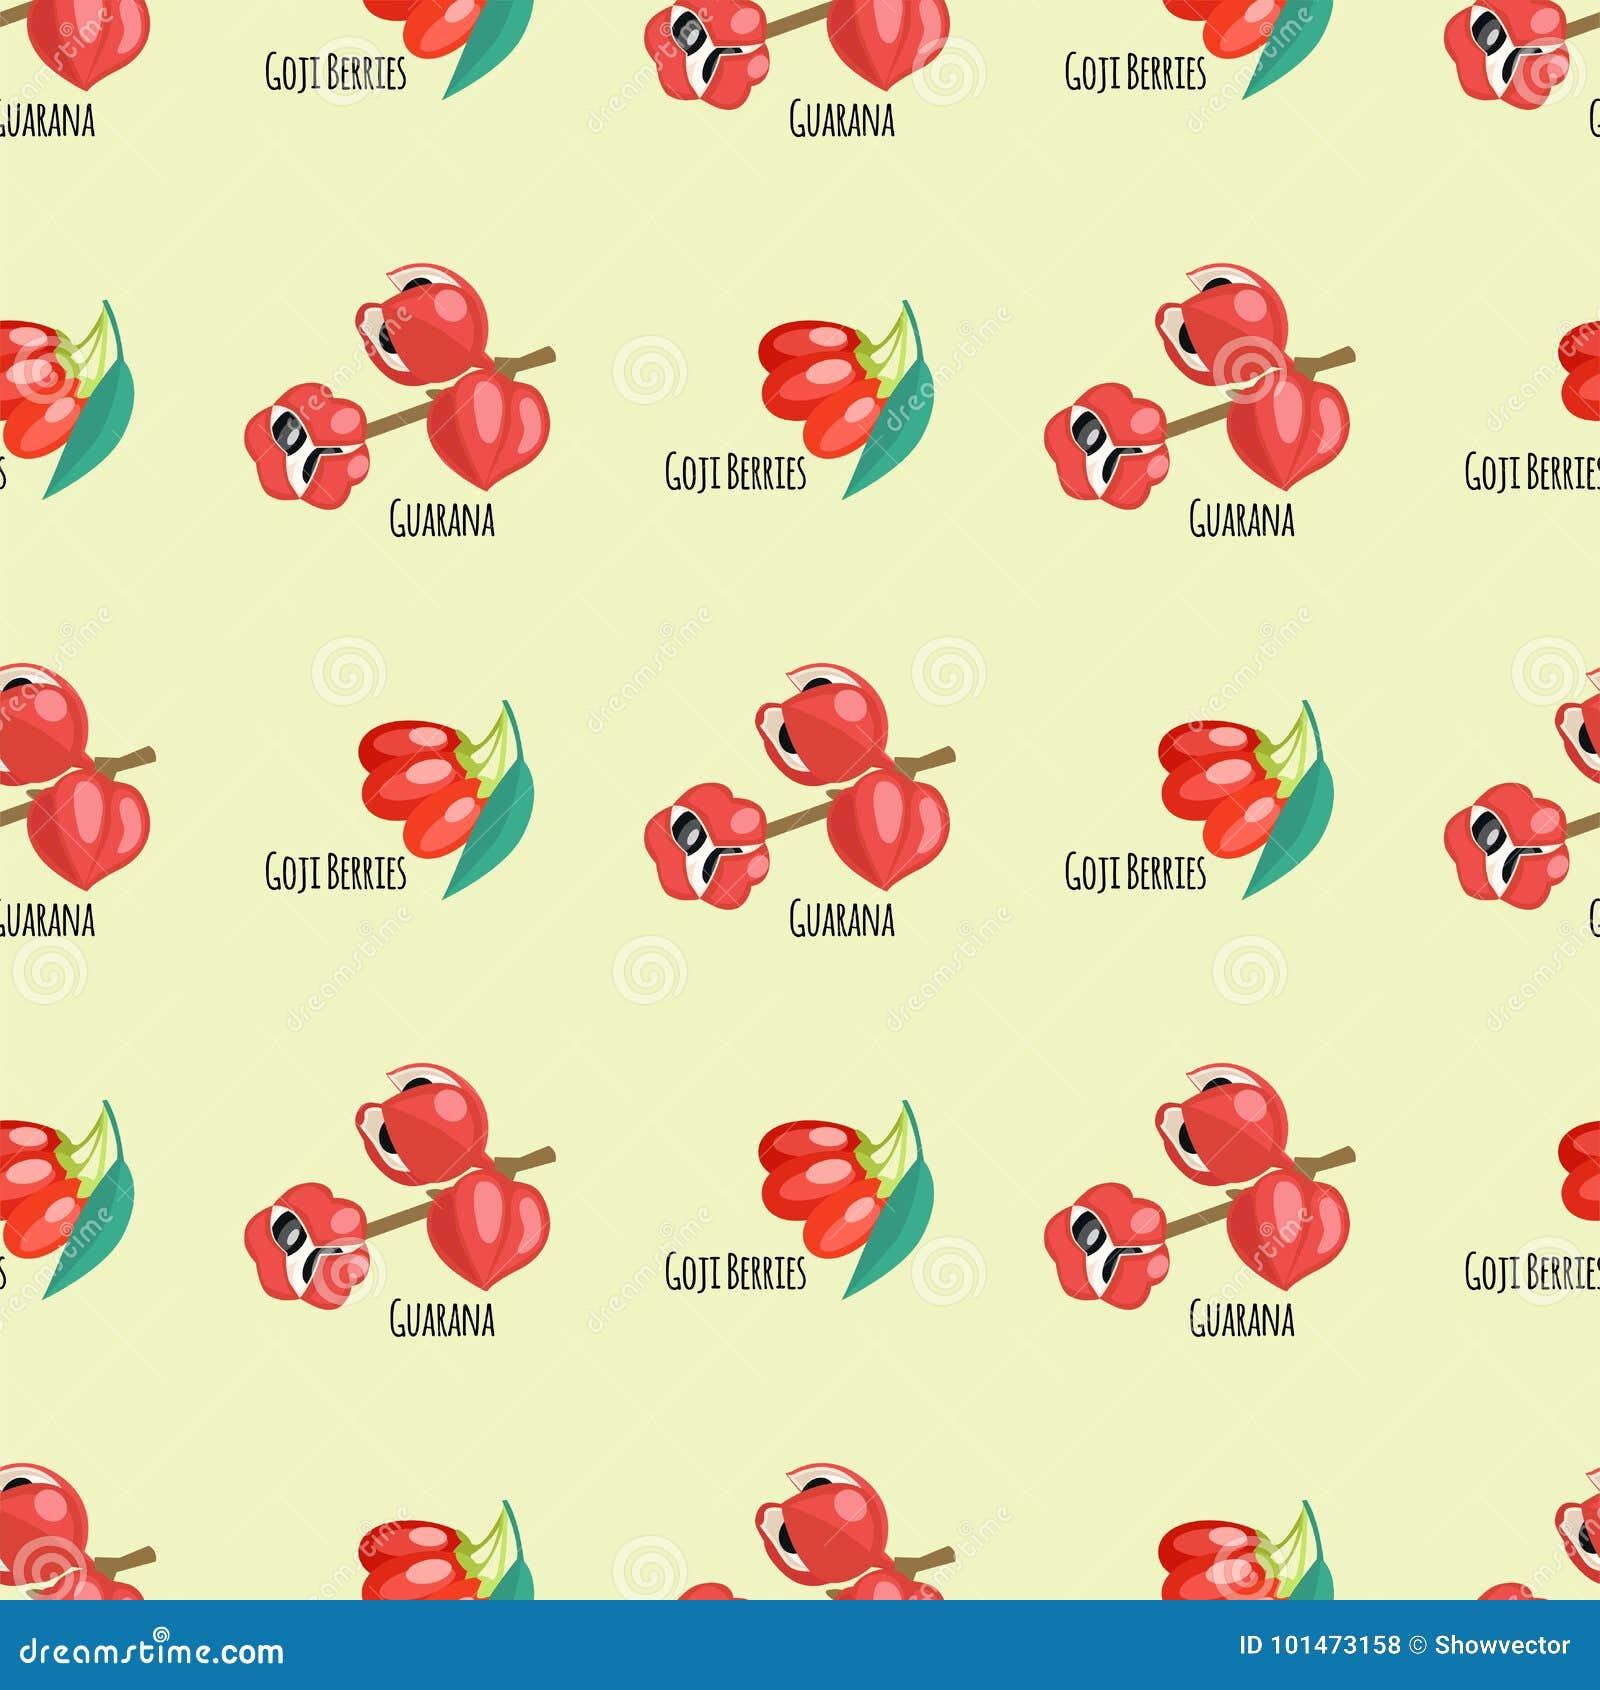 Goji jagod guarana tła bezszwowych deseniowych czerwonych owoc żywienioniowa rysunkowa energetyczna karmowa wektorowa ilustracja